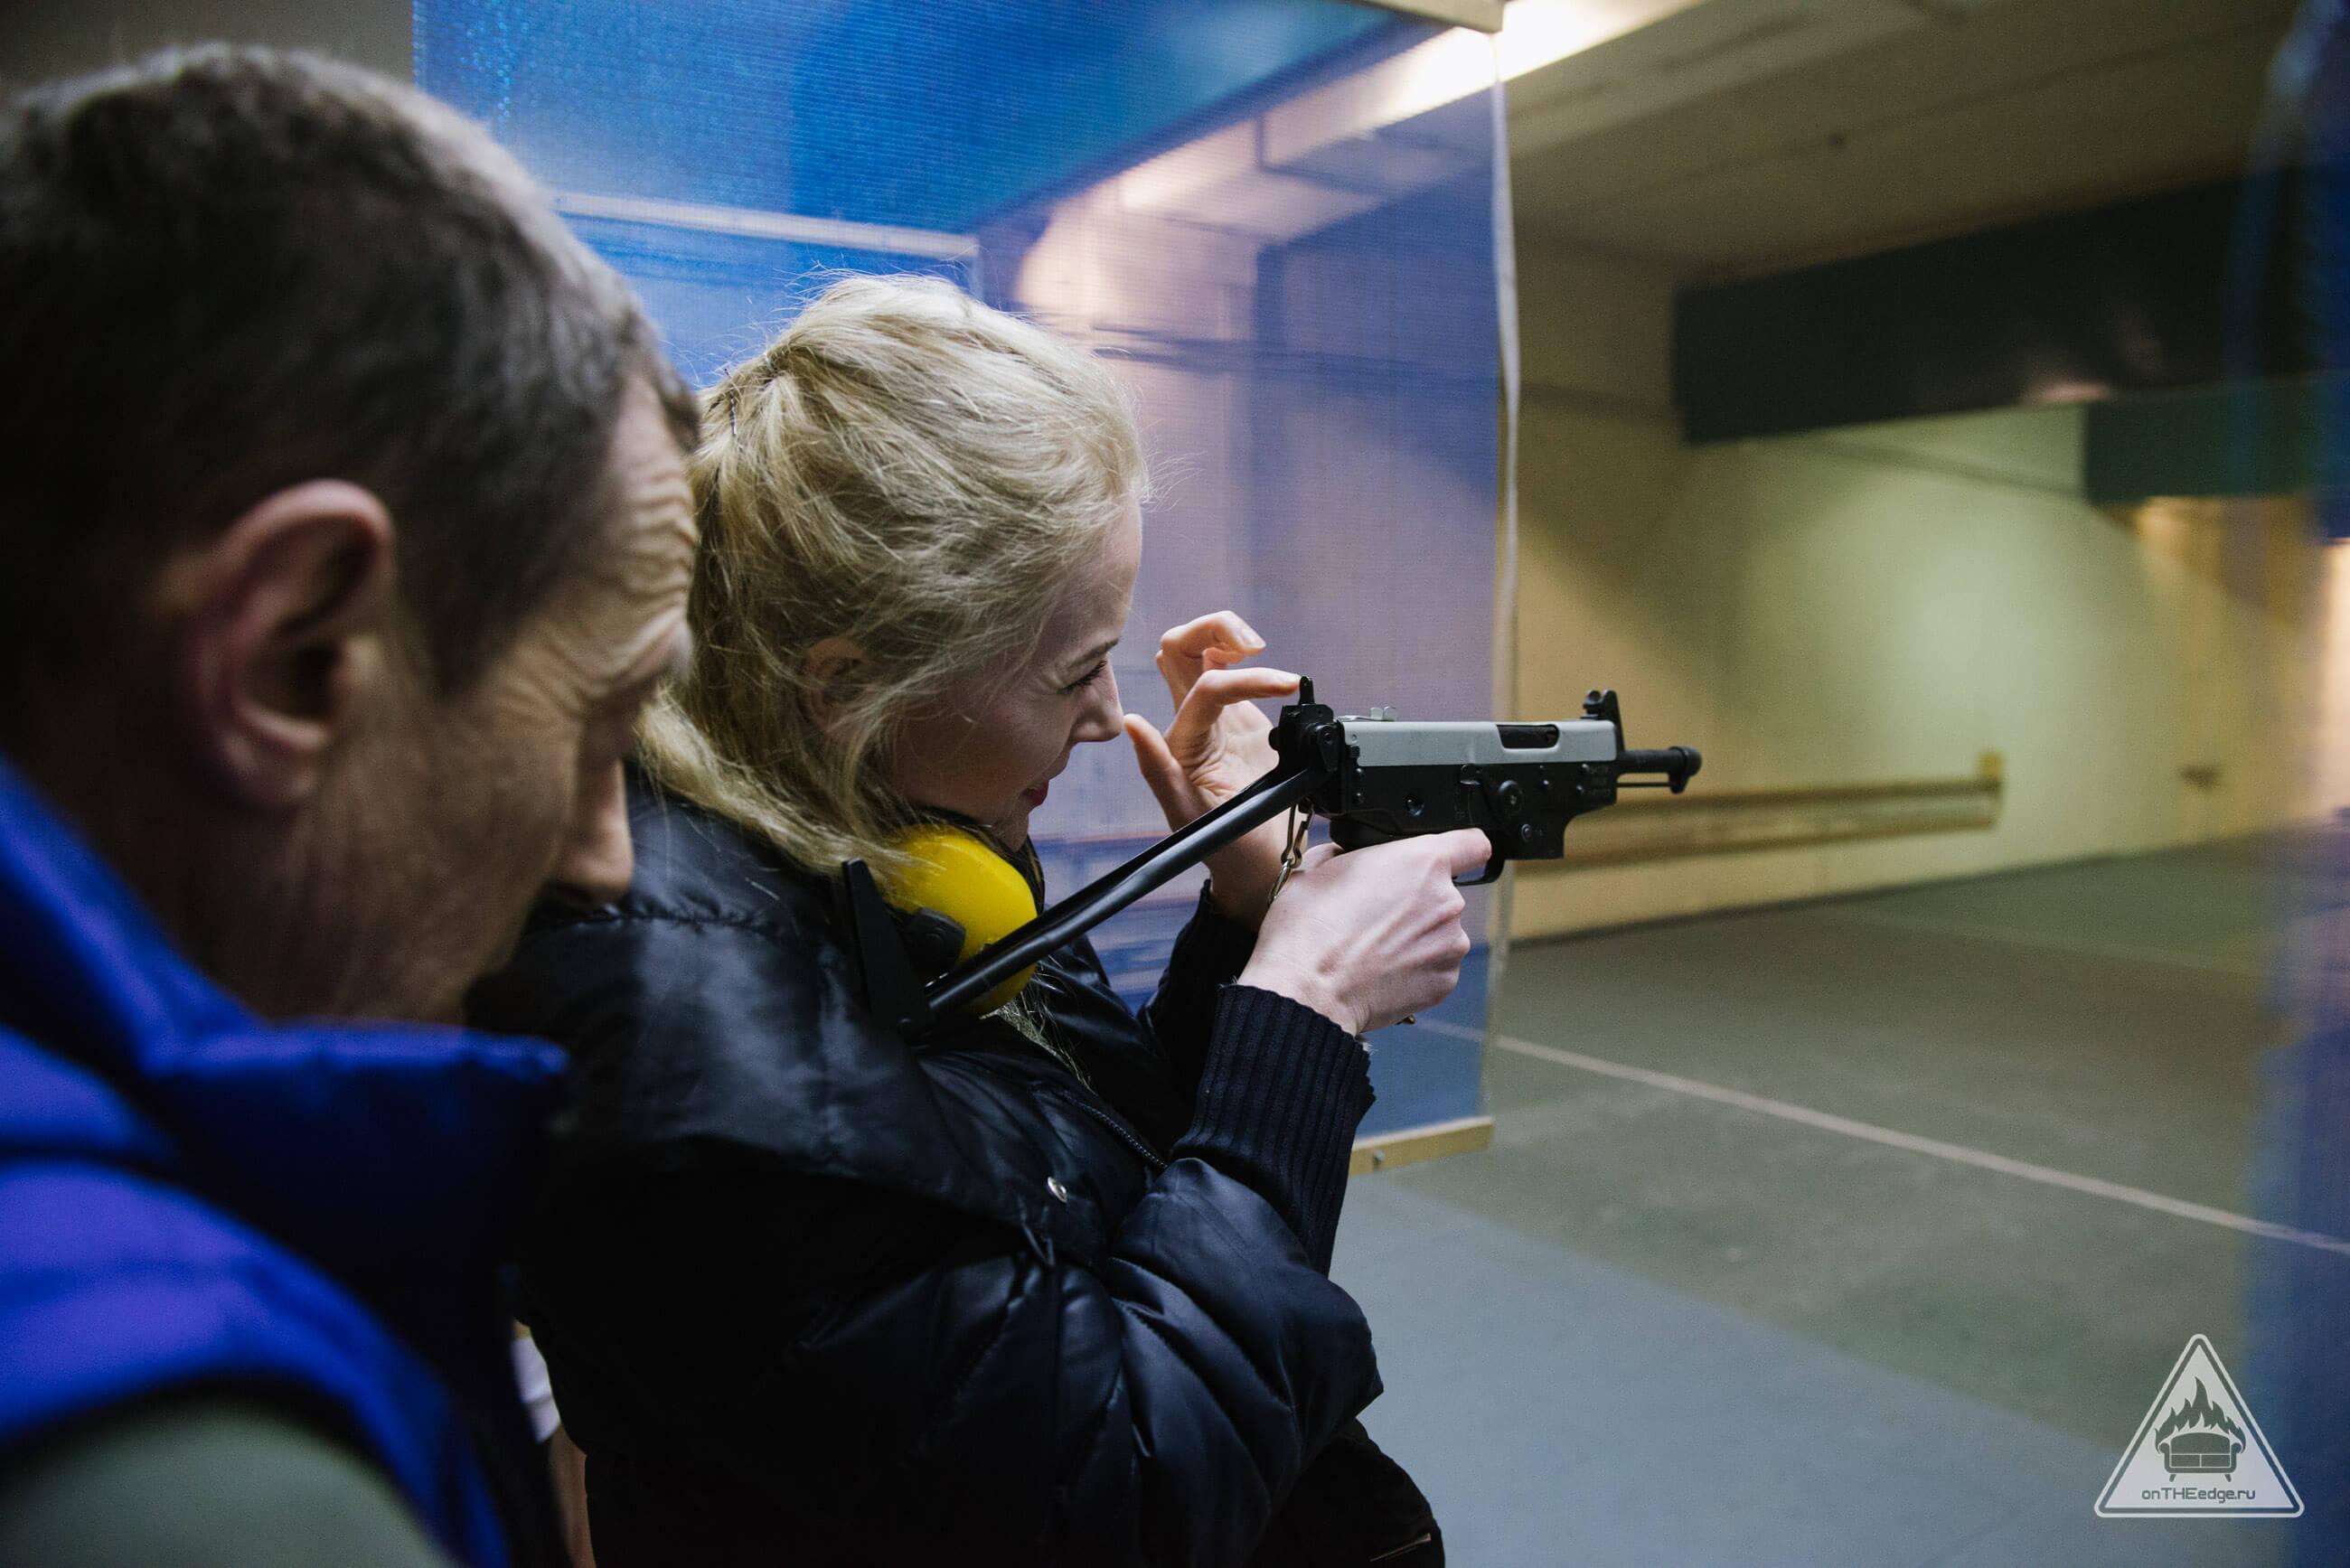 cтрельба из огнестрельного оружия